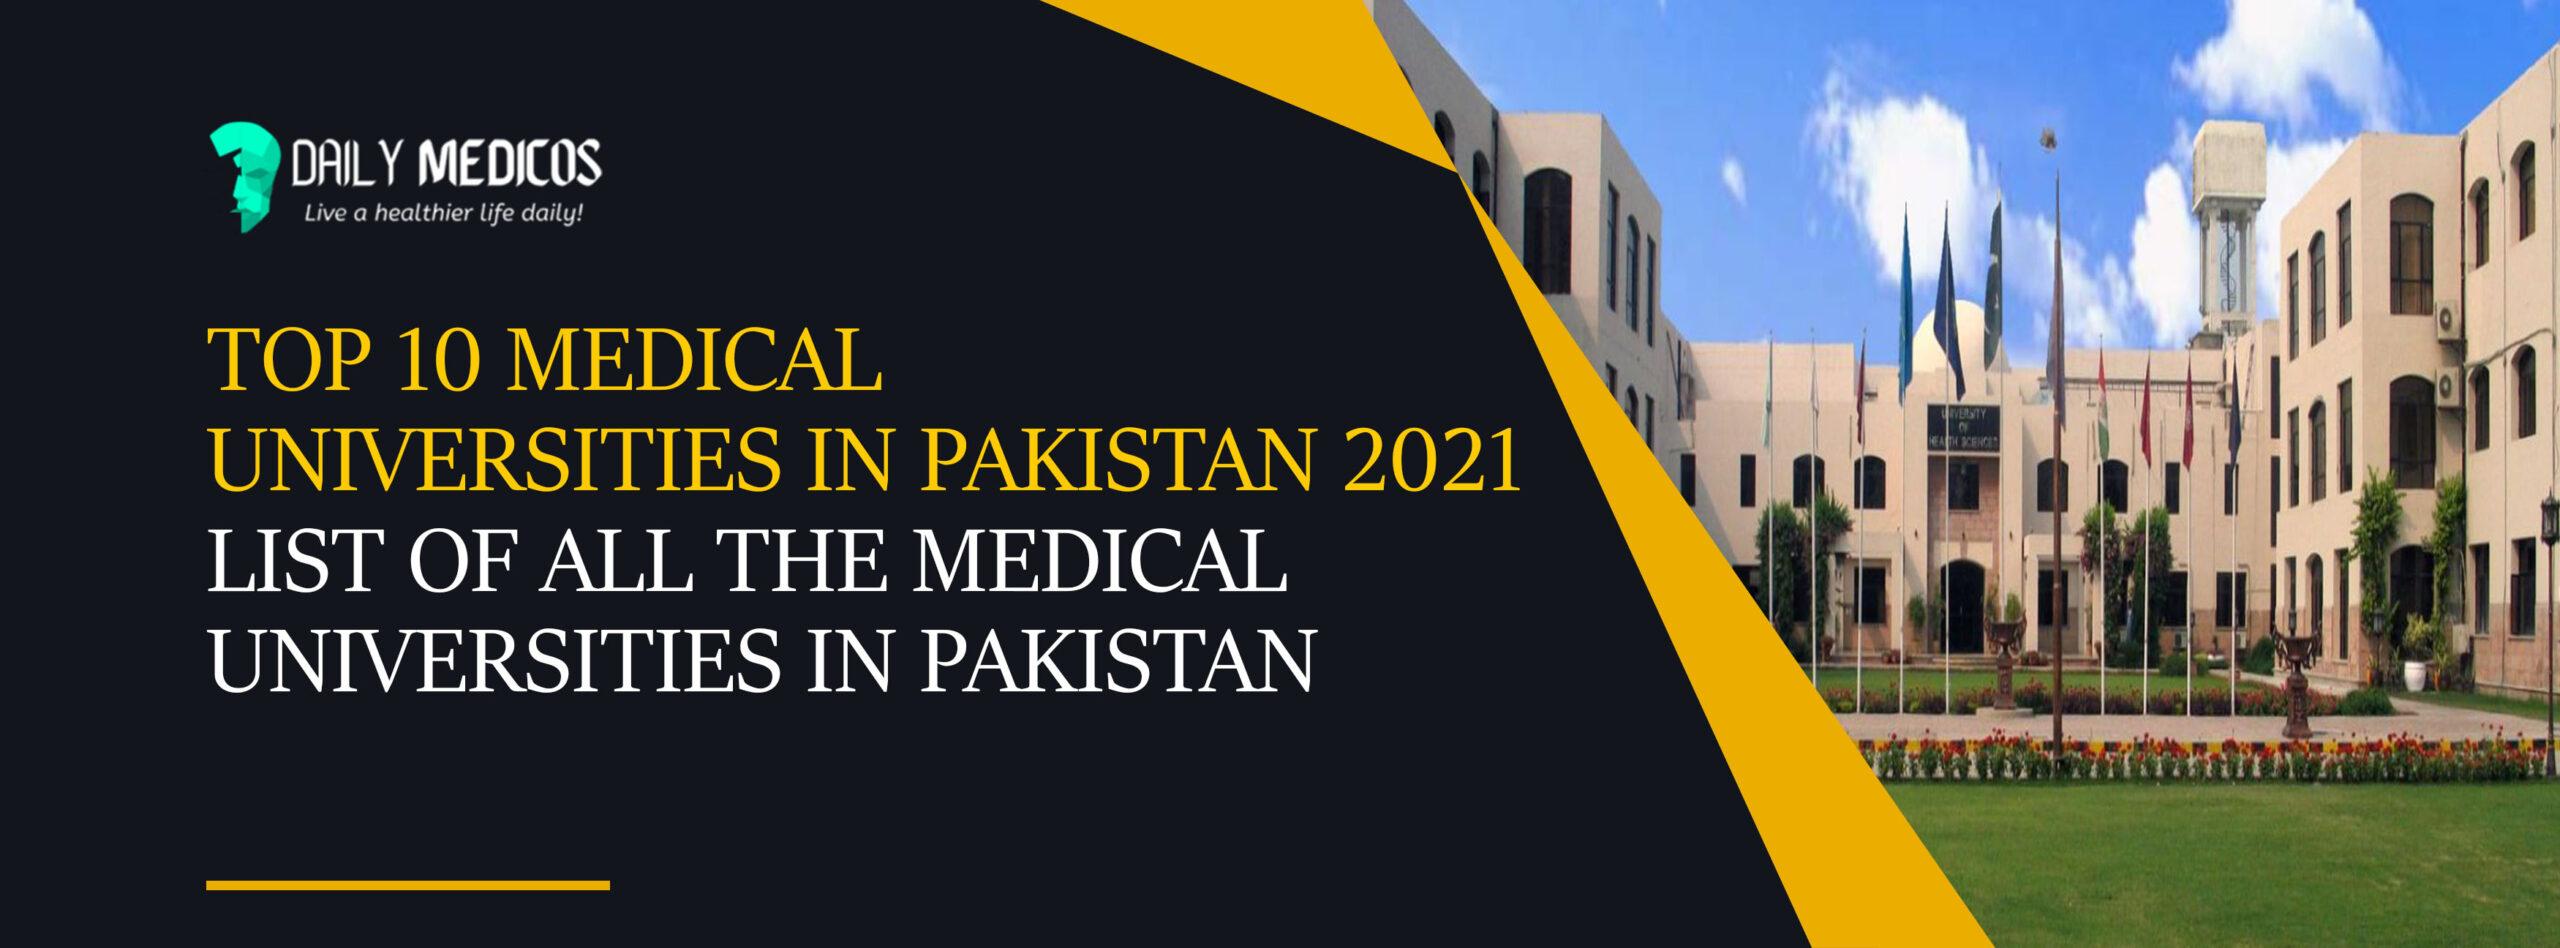 Top 10 Medical Universities in Pakistan 2021 - List of All The Medical Universities in Pakistan 4 - Daily Medicos